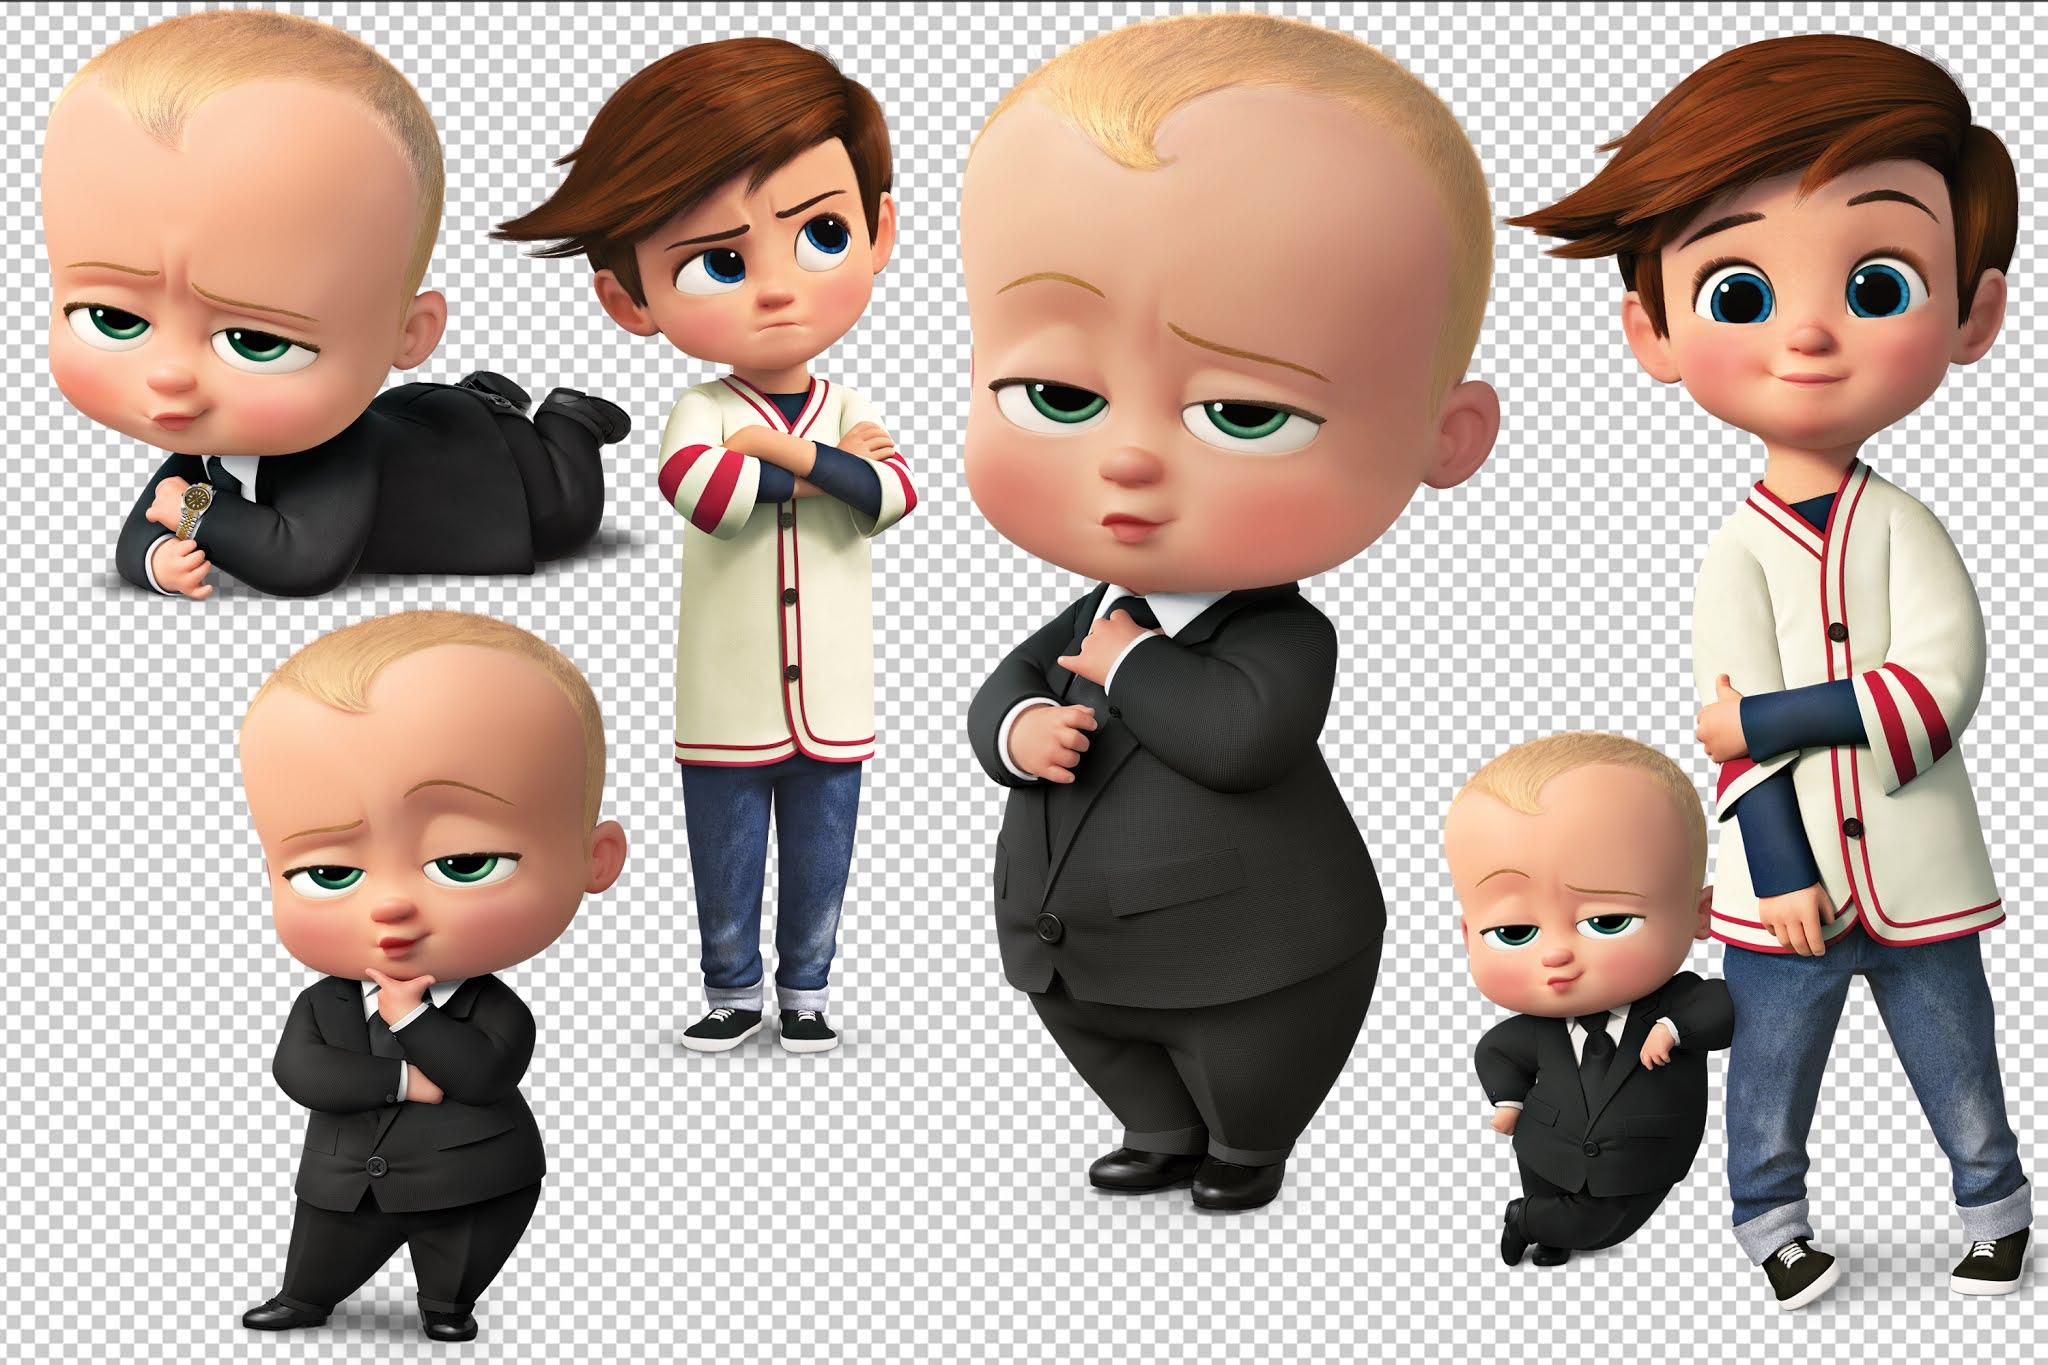 مجموعة صور باعلى جودة مفرغة للطفل الزعيم